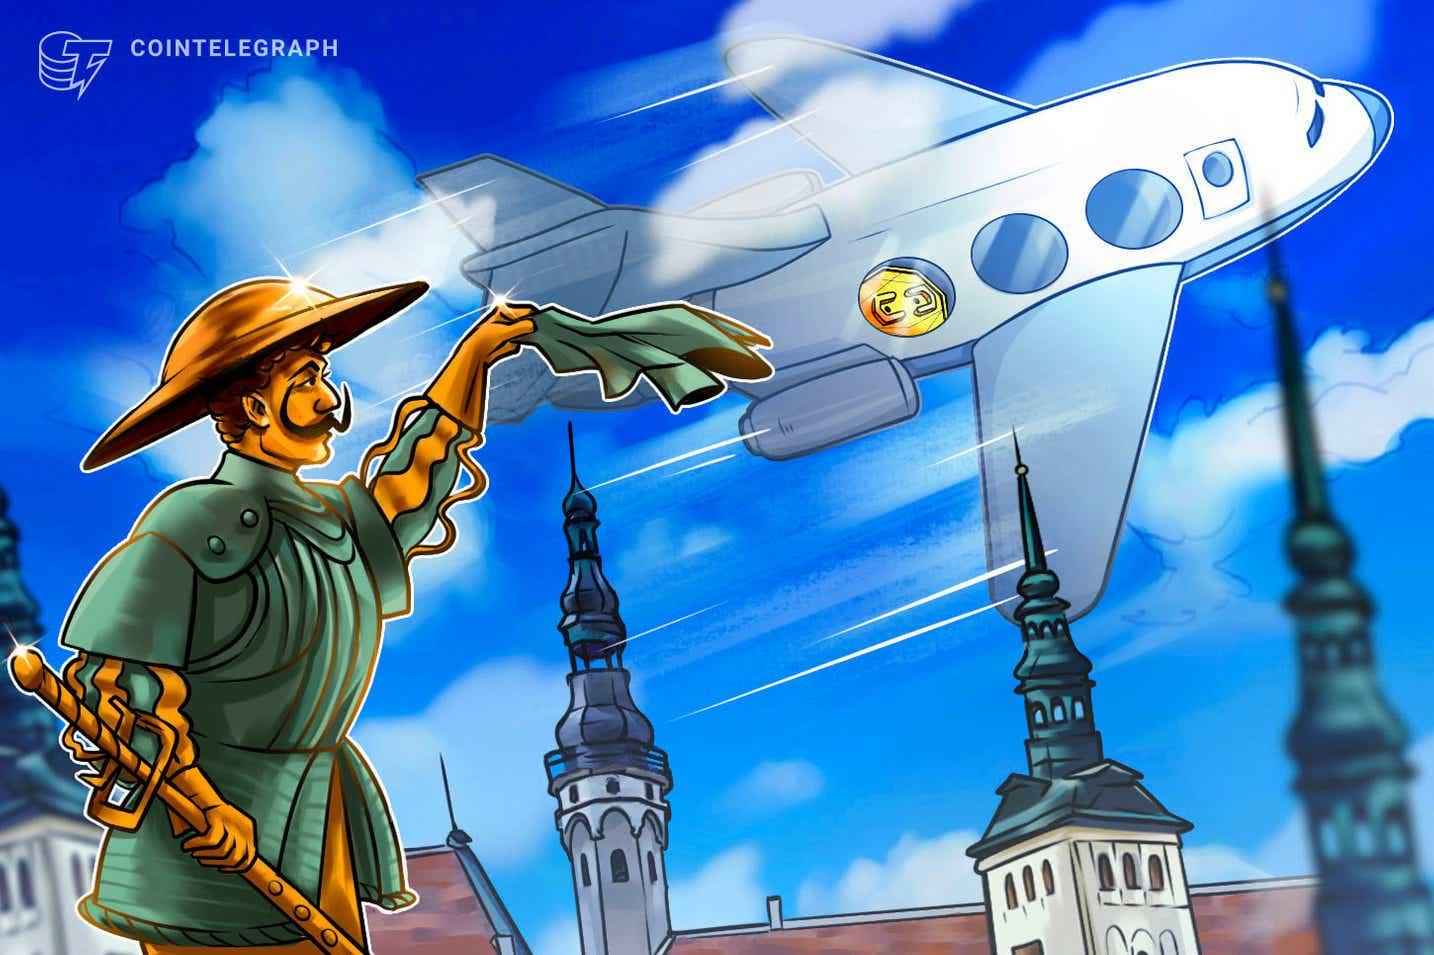 Rregullatori Estonez dëshiron të heqë të gjitha licencat e shkëmbimit të kriptove